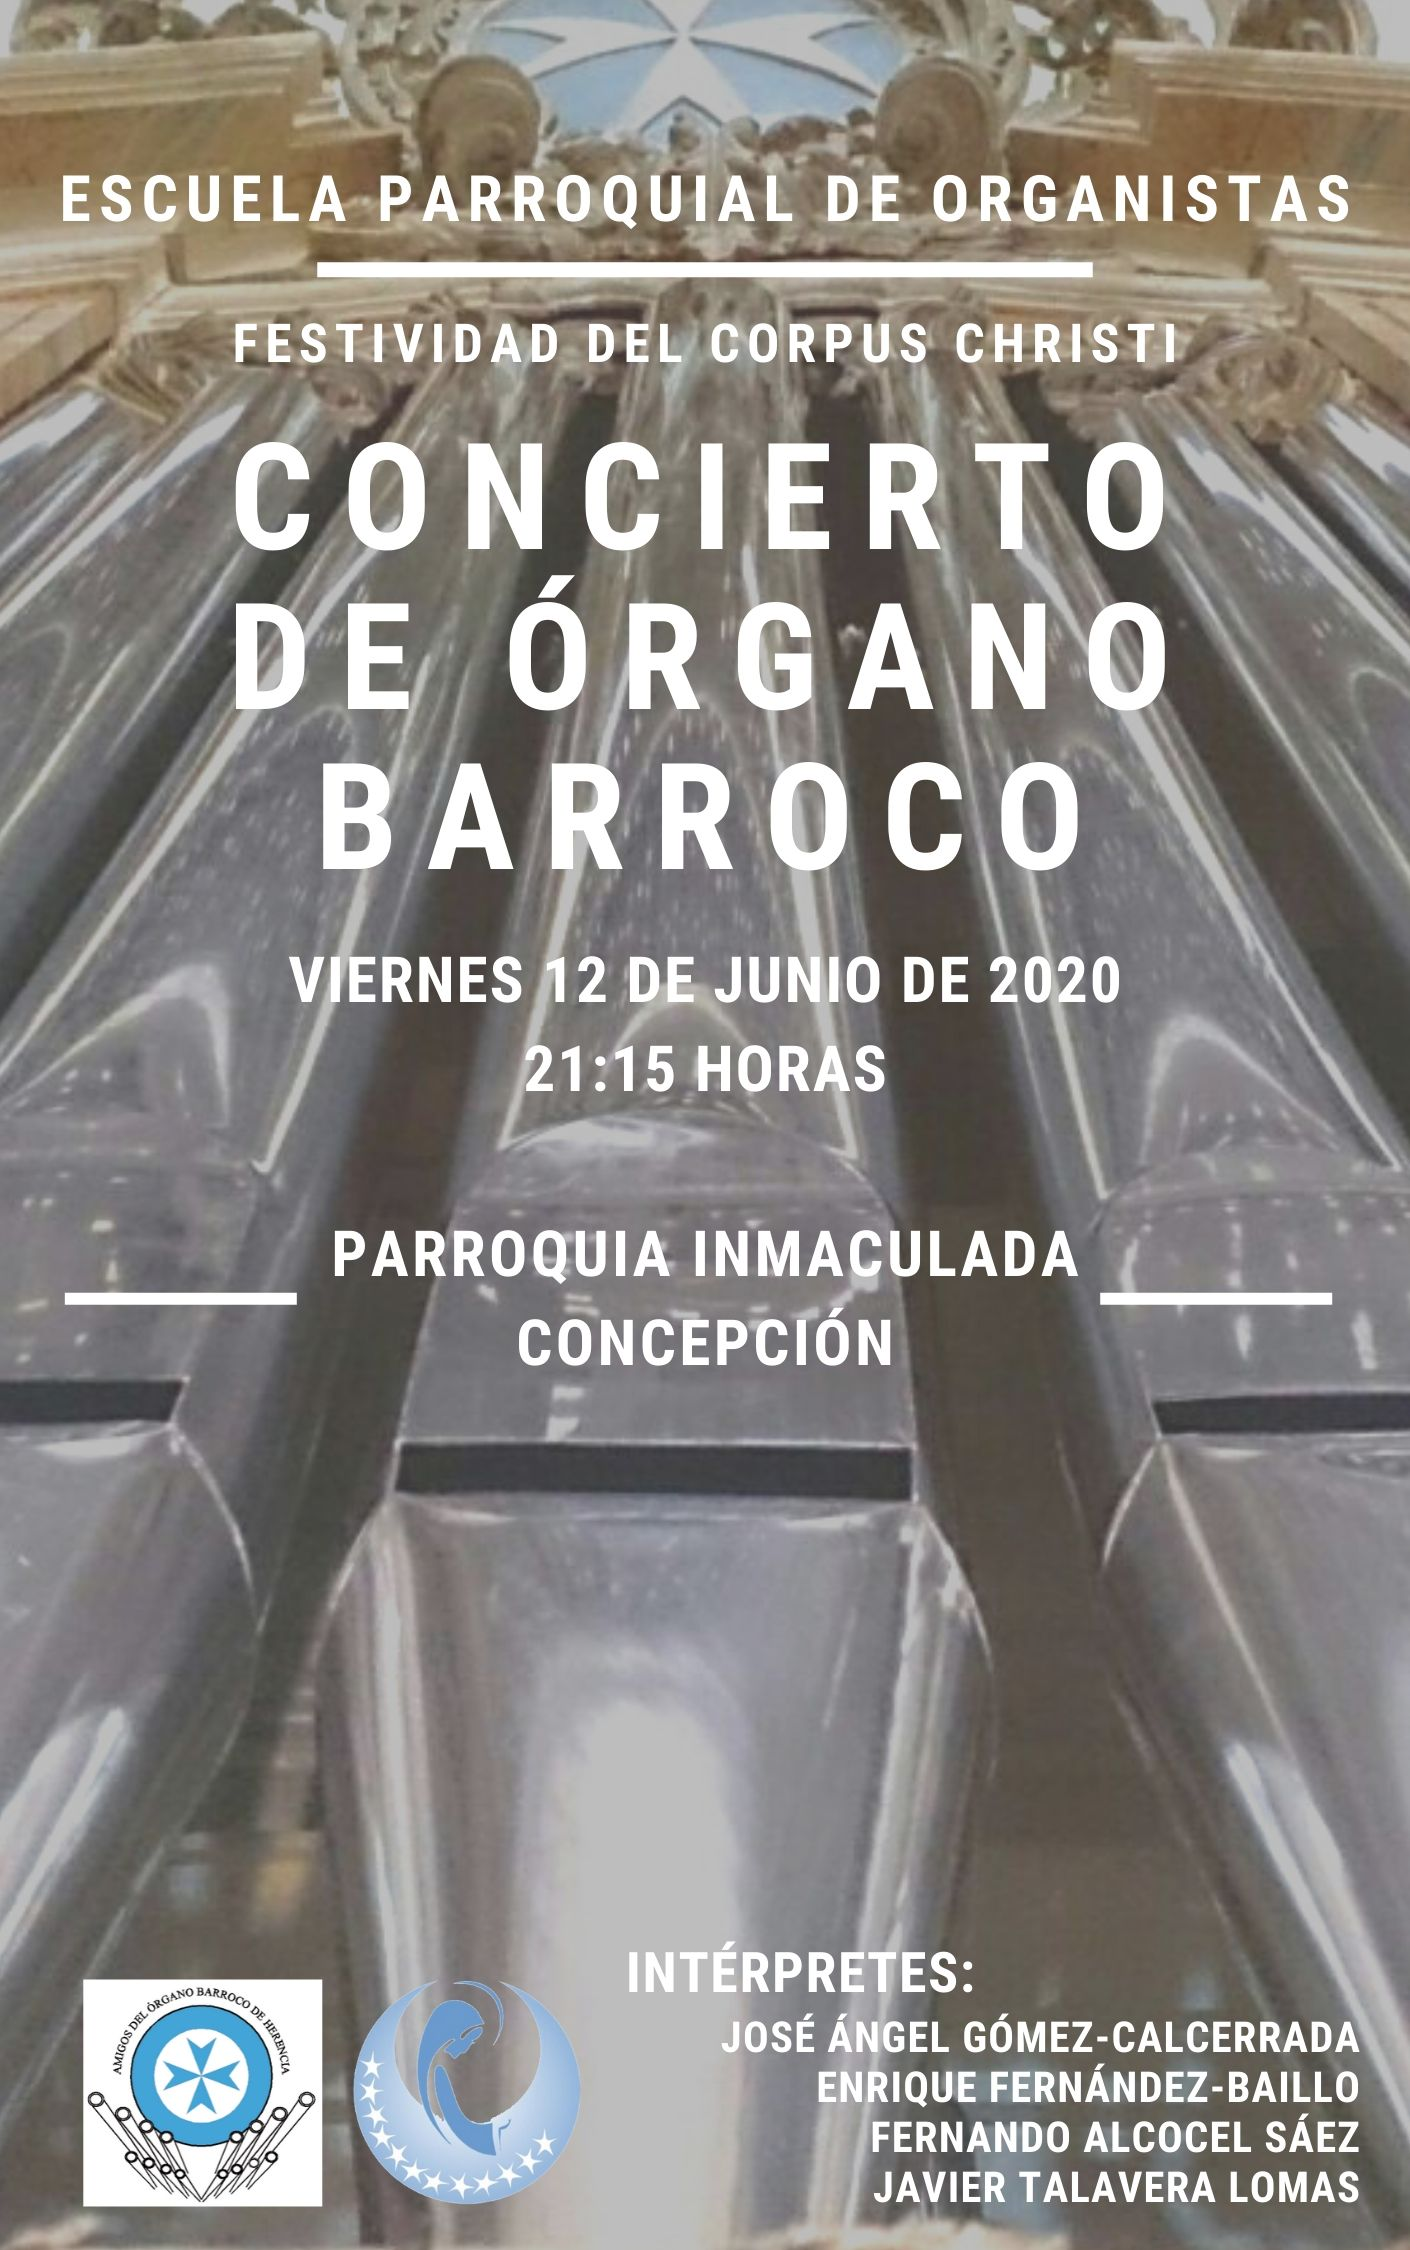 concierto de %C3%B3rgano barroco - Programa Corpus Christi en la parroquia Inmaculada Concepción de Herencia